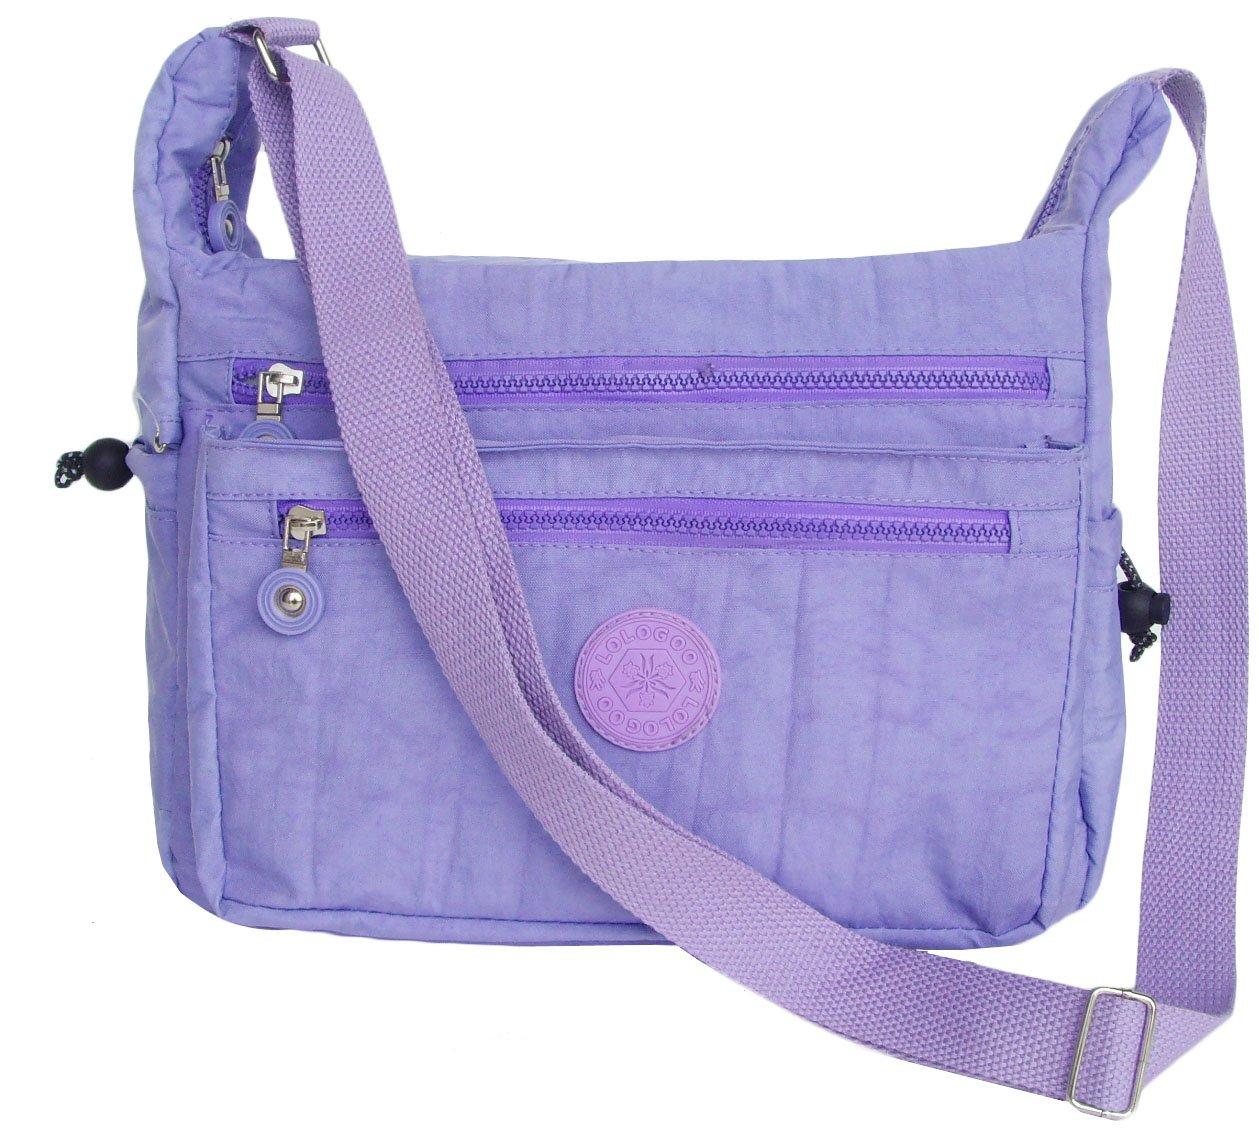 HONG YE Pure Stripe Slouch Bag,sku:hb80purple3